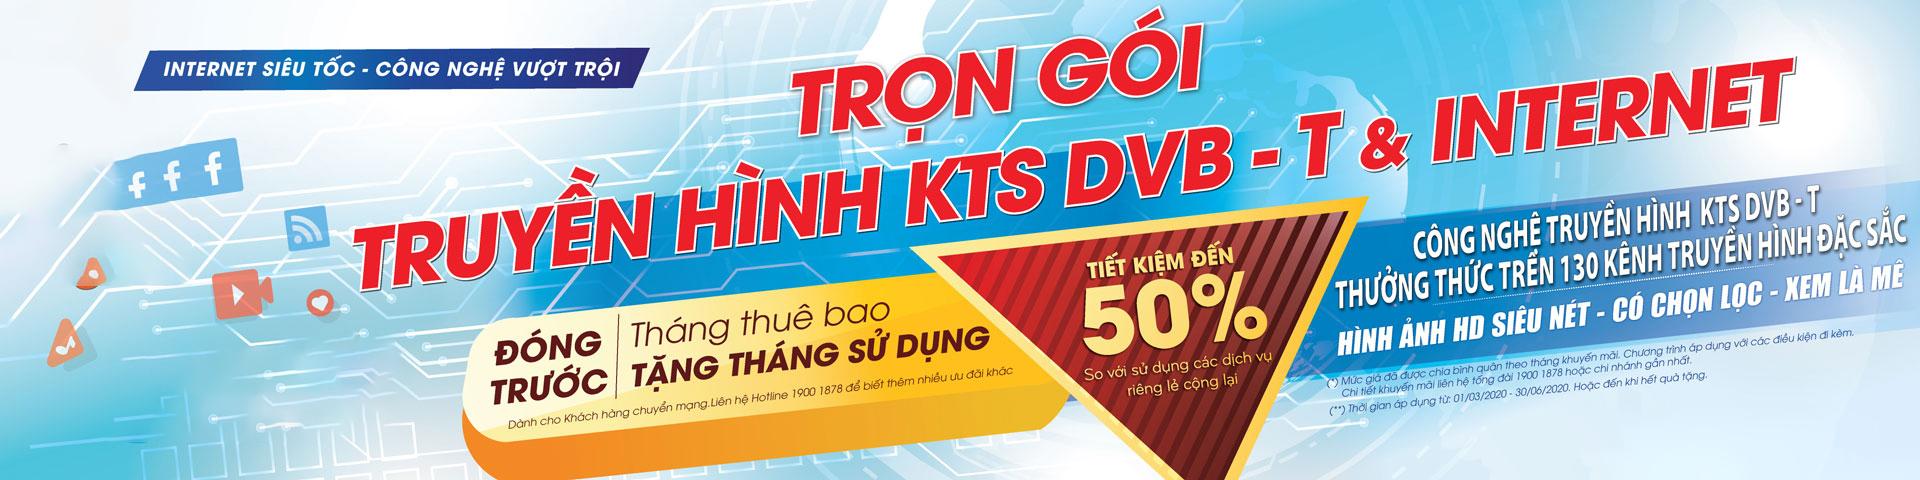 Gói cước Internet SCTV Thanh Hóa